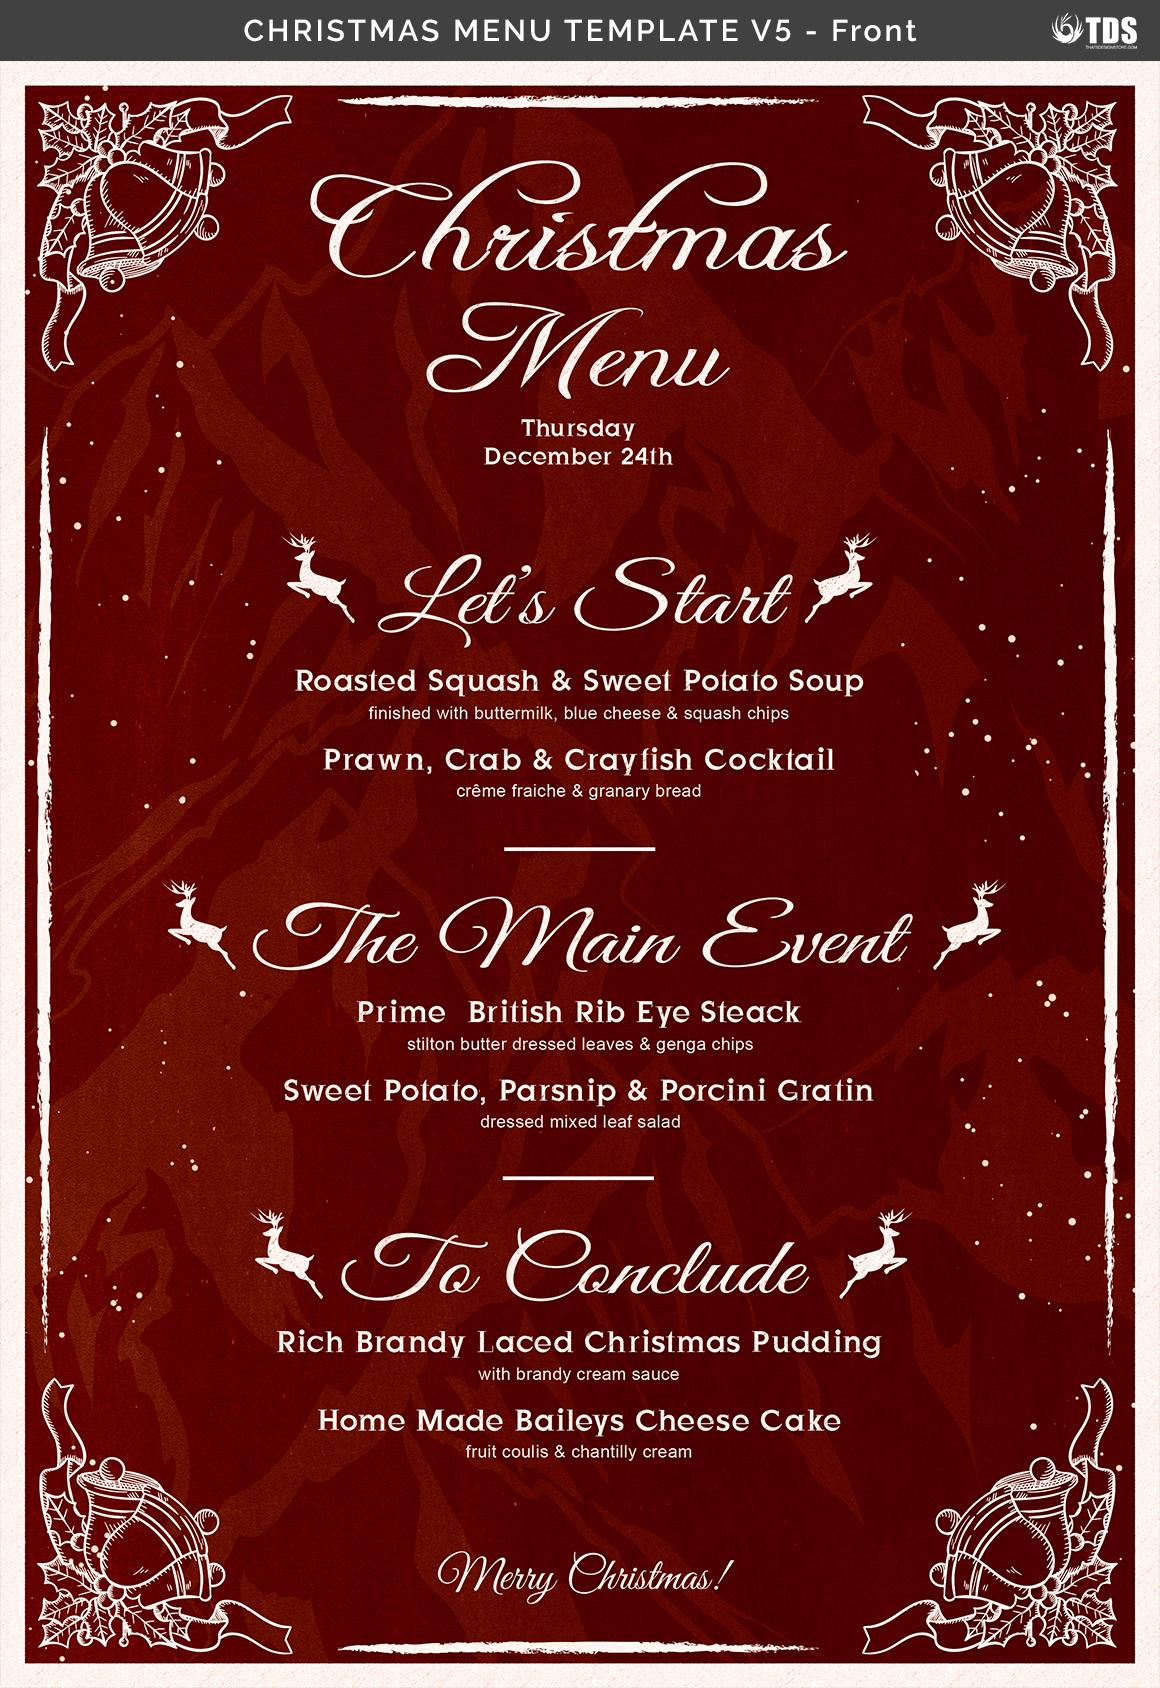 christmas menu template v5